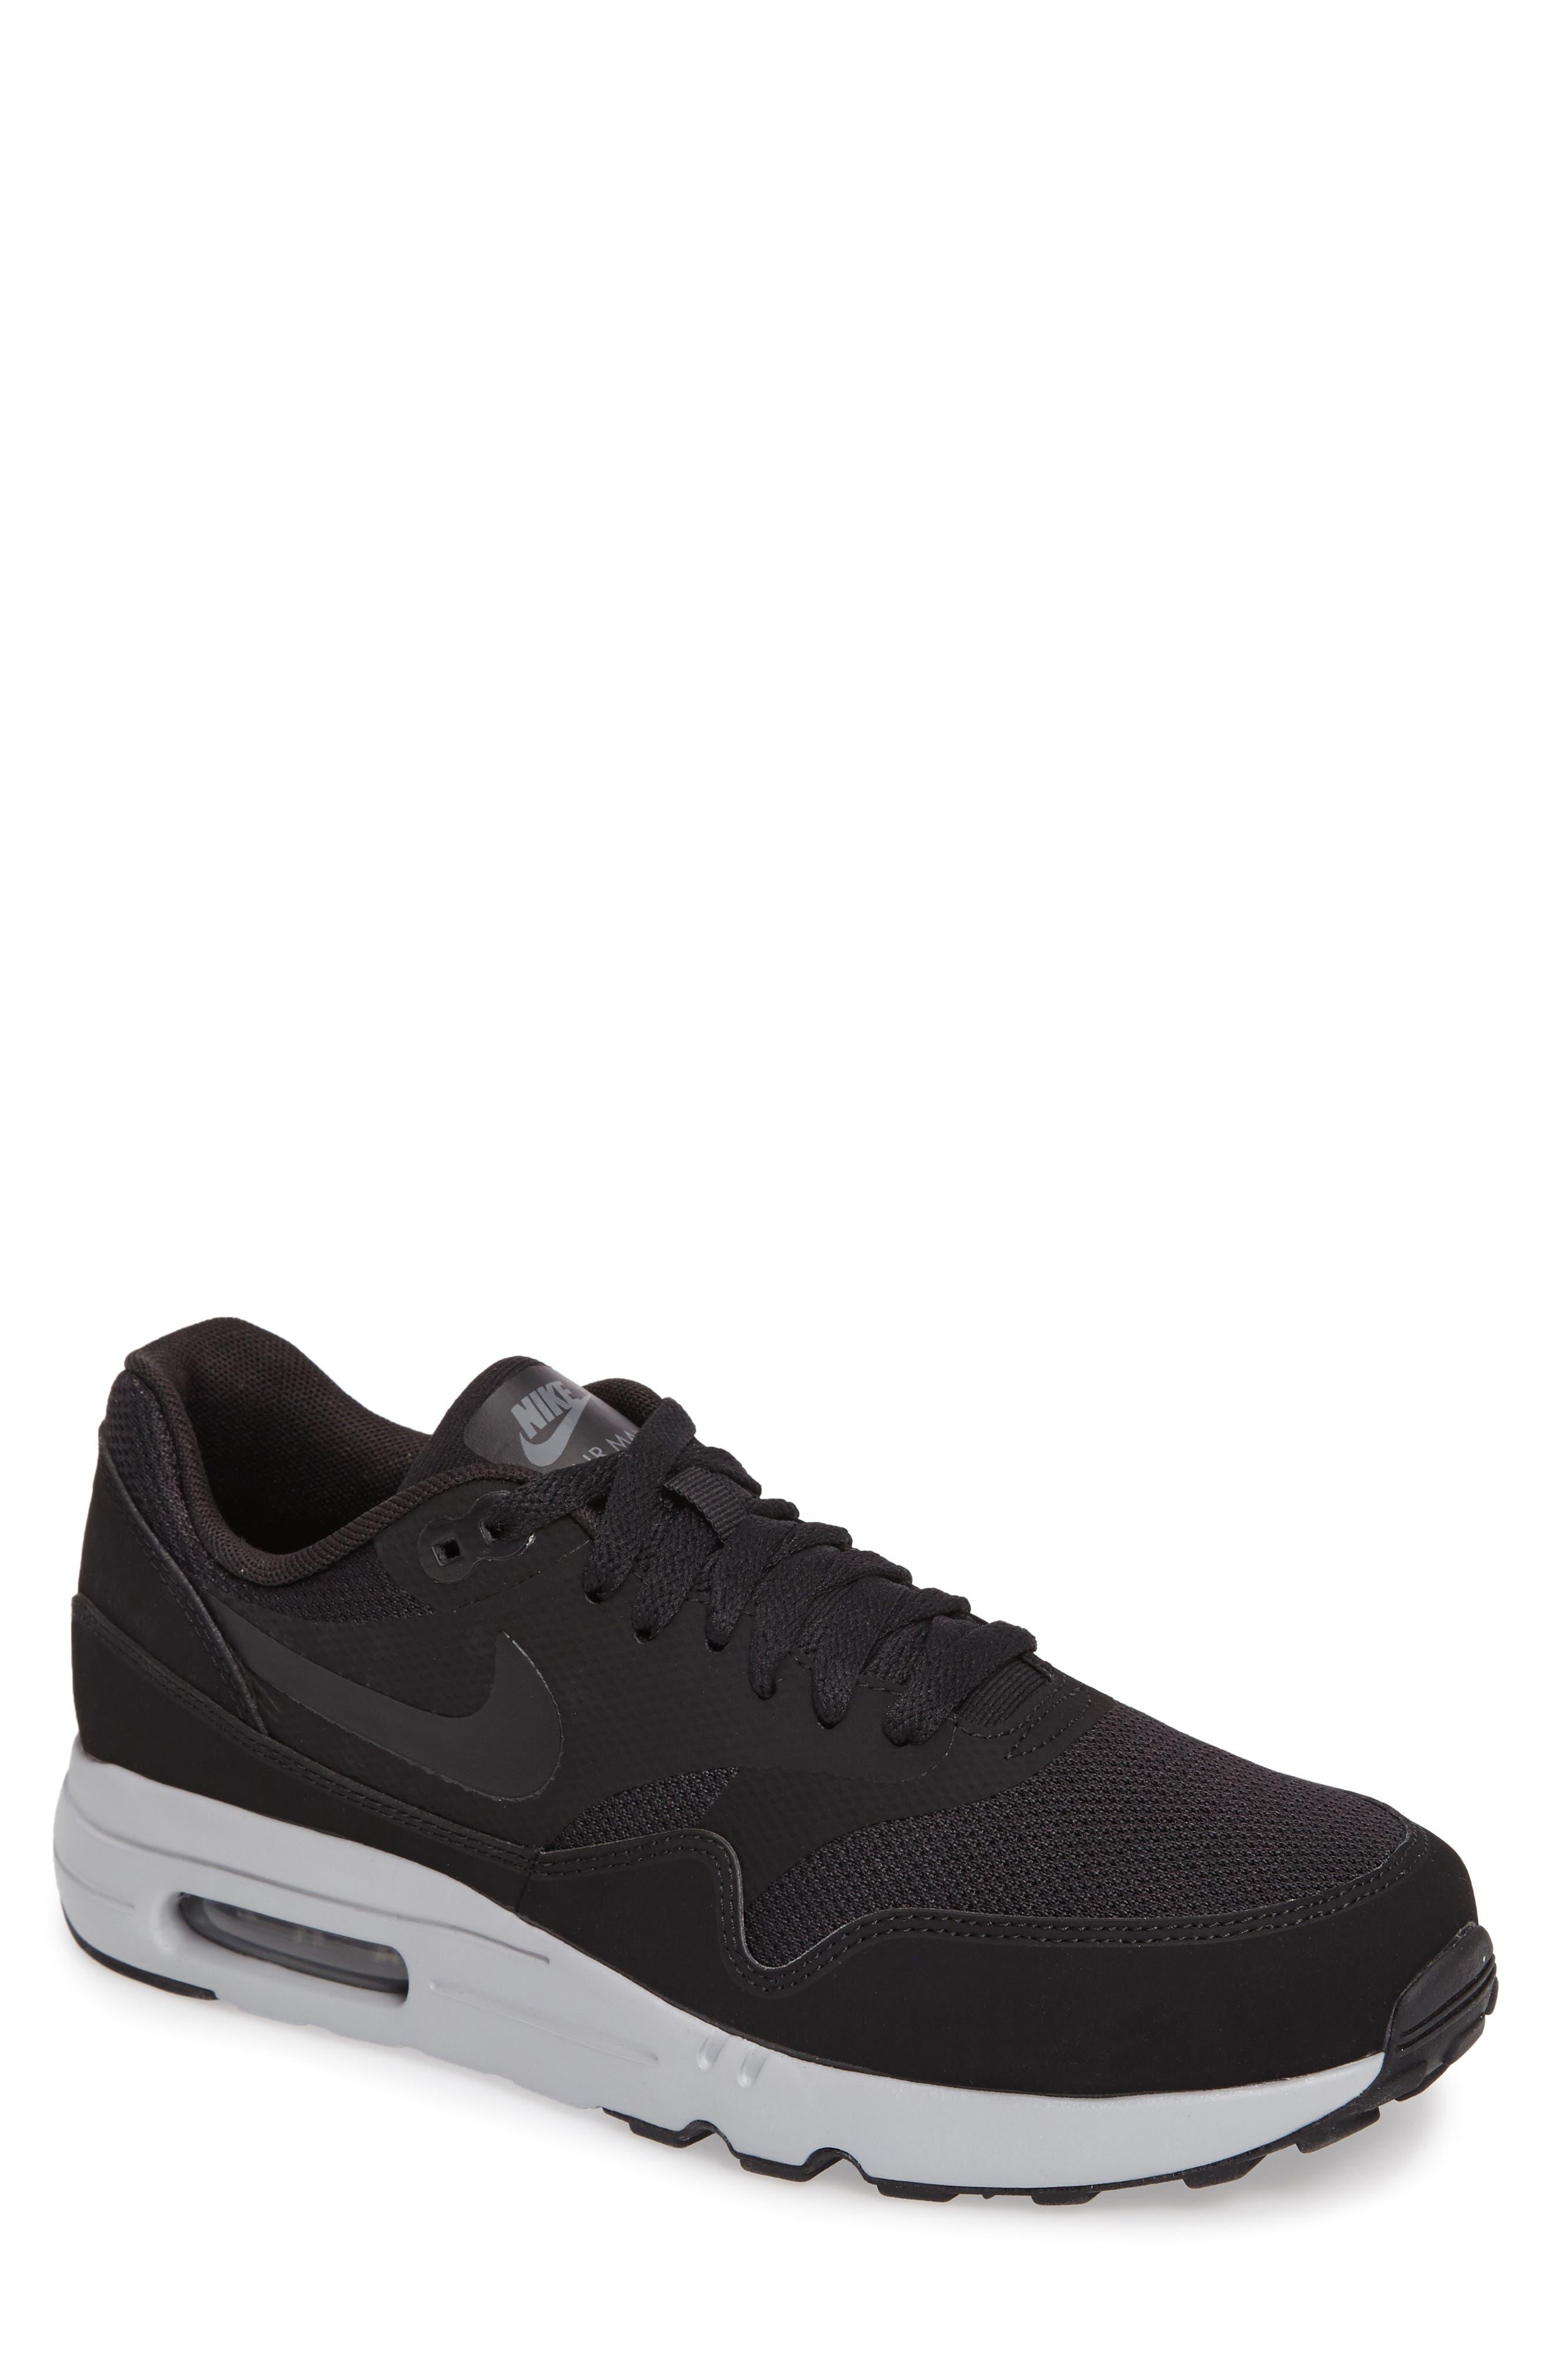 Main Image - Nike Air Max 1 Ultra 2.0 Essential Sneaker (Men)